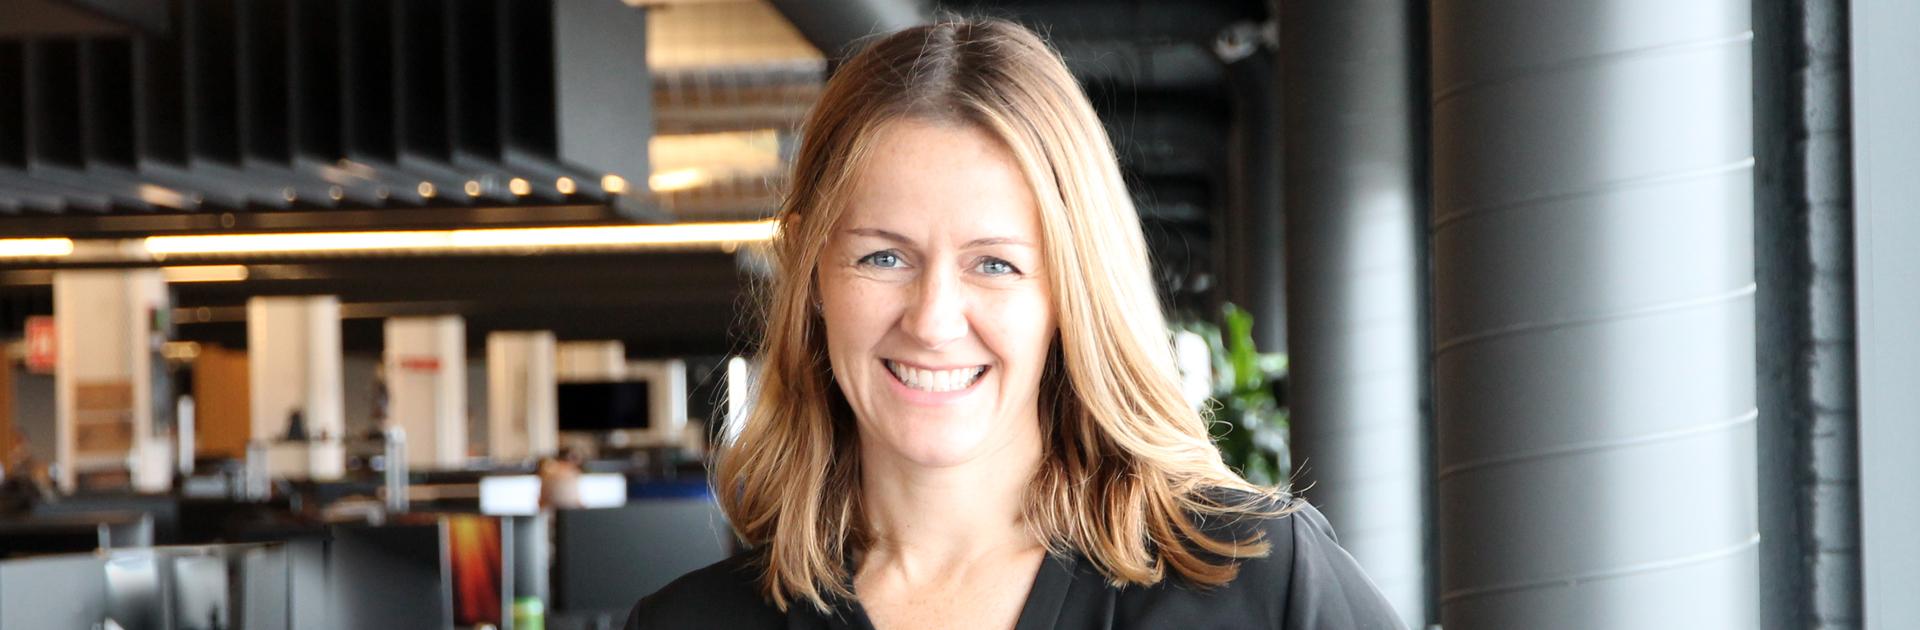 Meet our new VP HR, Kalina Morin